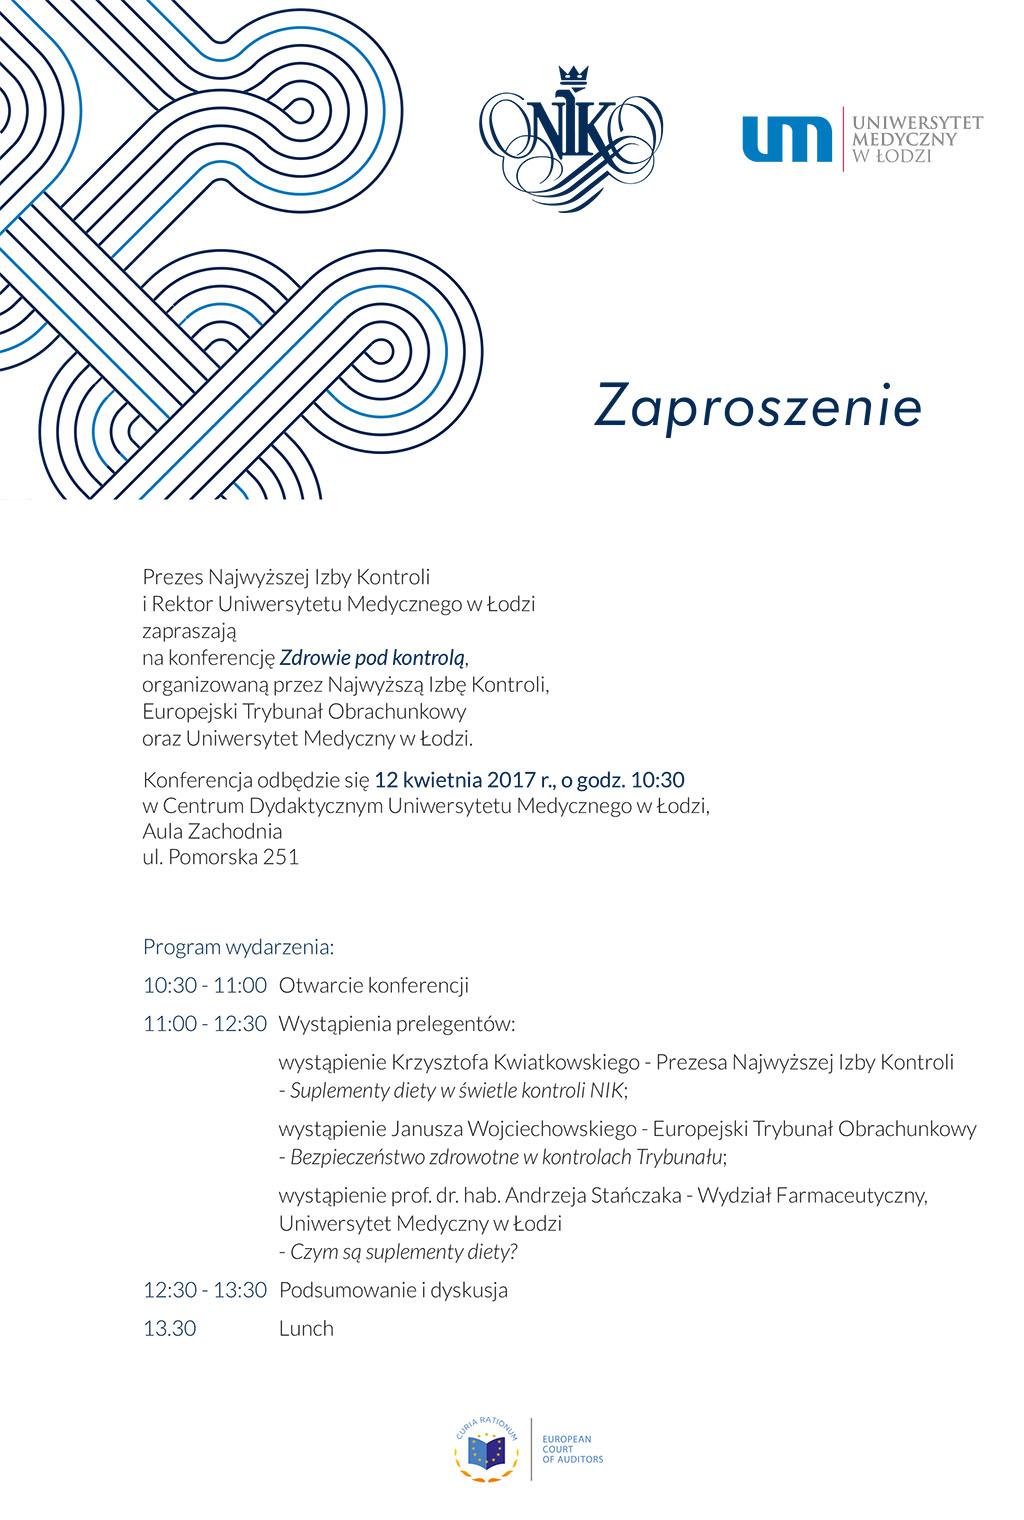 zaproszenie-konferencjaNIK-2017-karta-bez.cdr